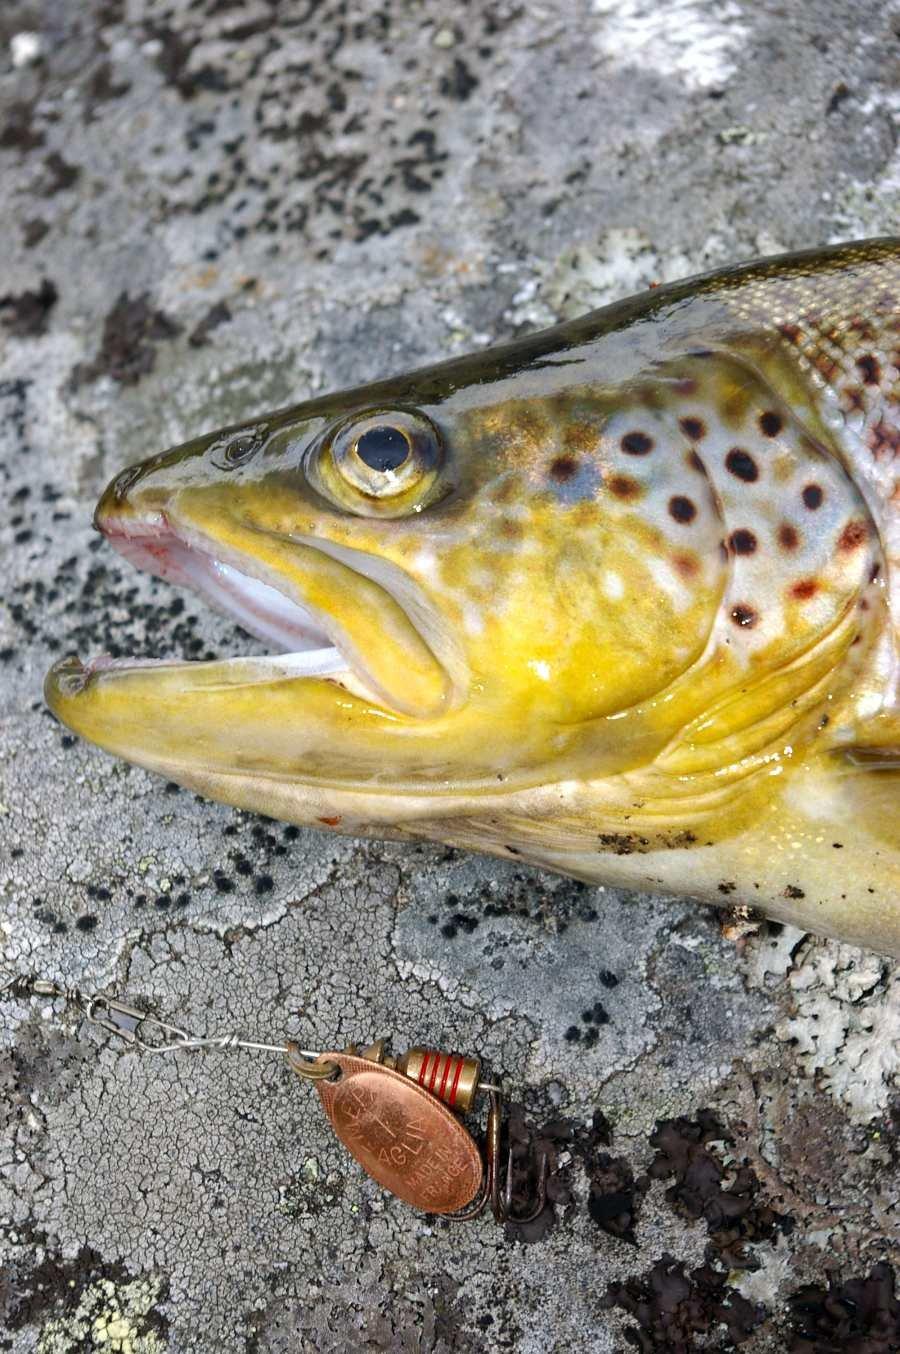 In der allgemeinen Flußzone der Trysilelva darf auch mit Spinnködern und Wurm/Made etc. gefischt werden (selbe Angellizenz wie am hauseigenen See)